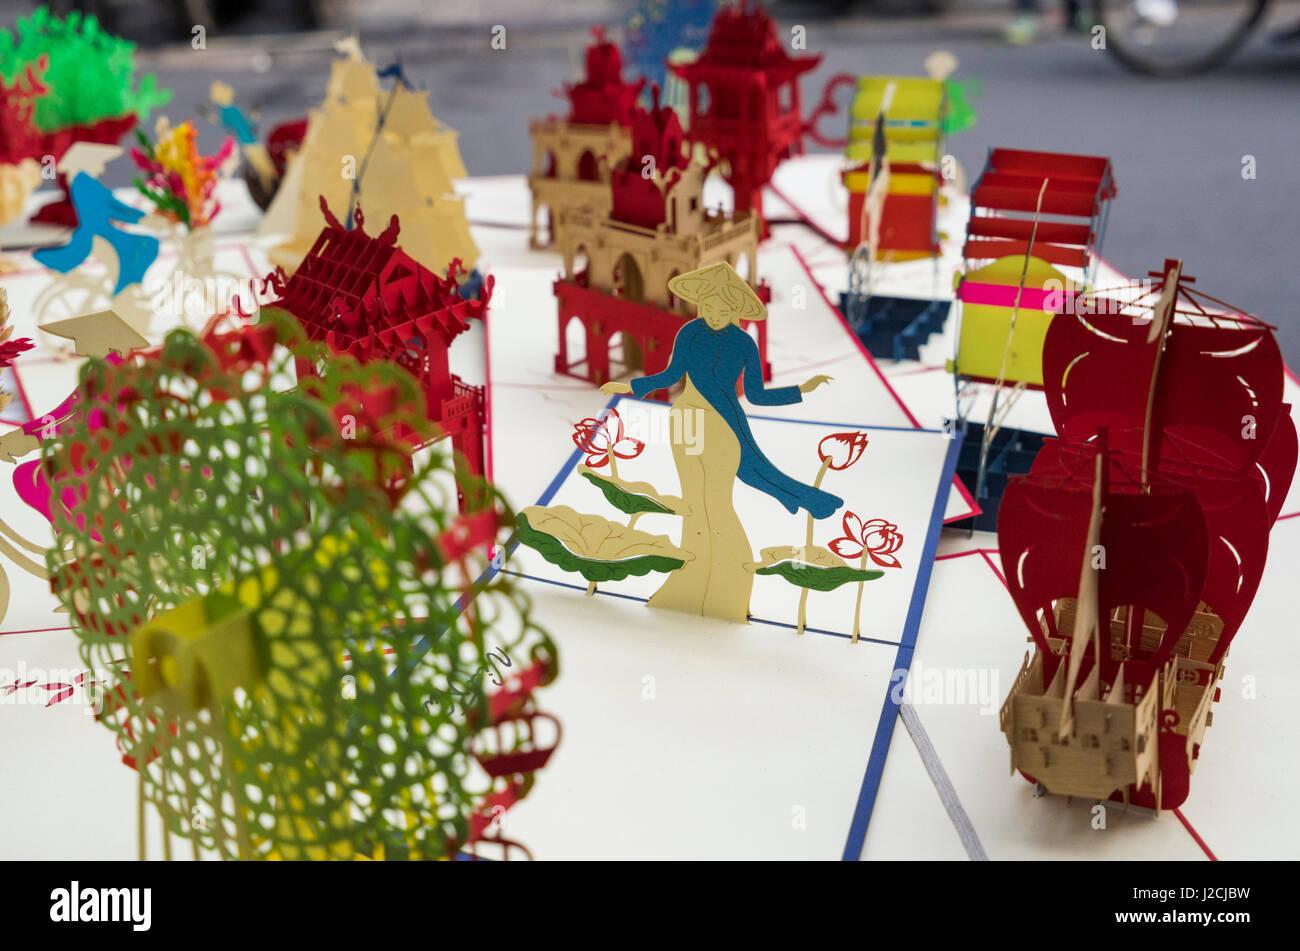 Vietnam, Hanoi. Souvenir 3D paper cut out art - Stock Image